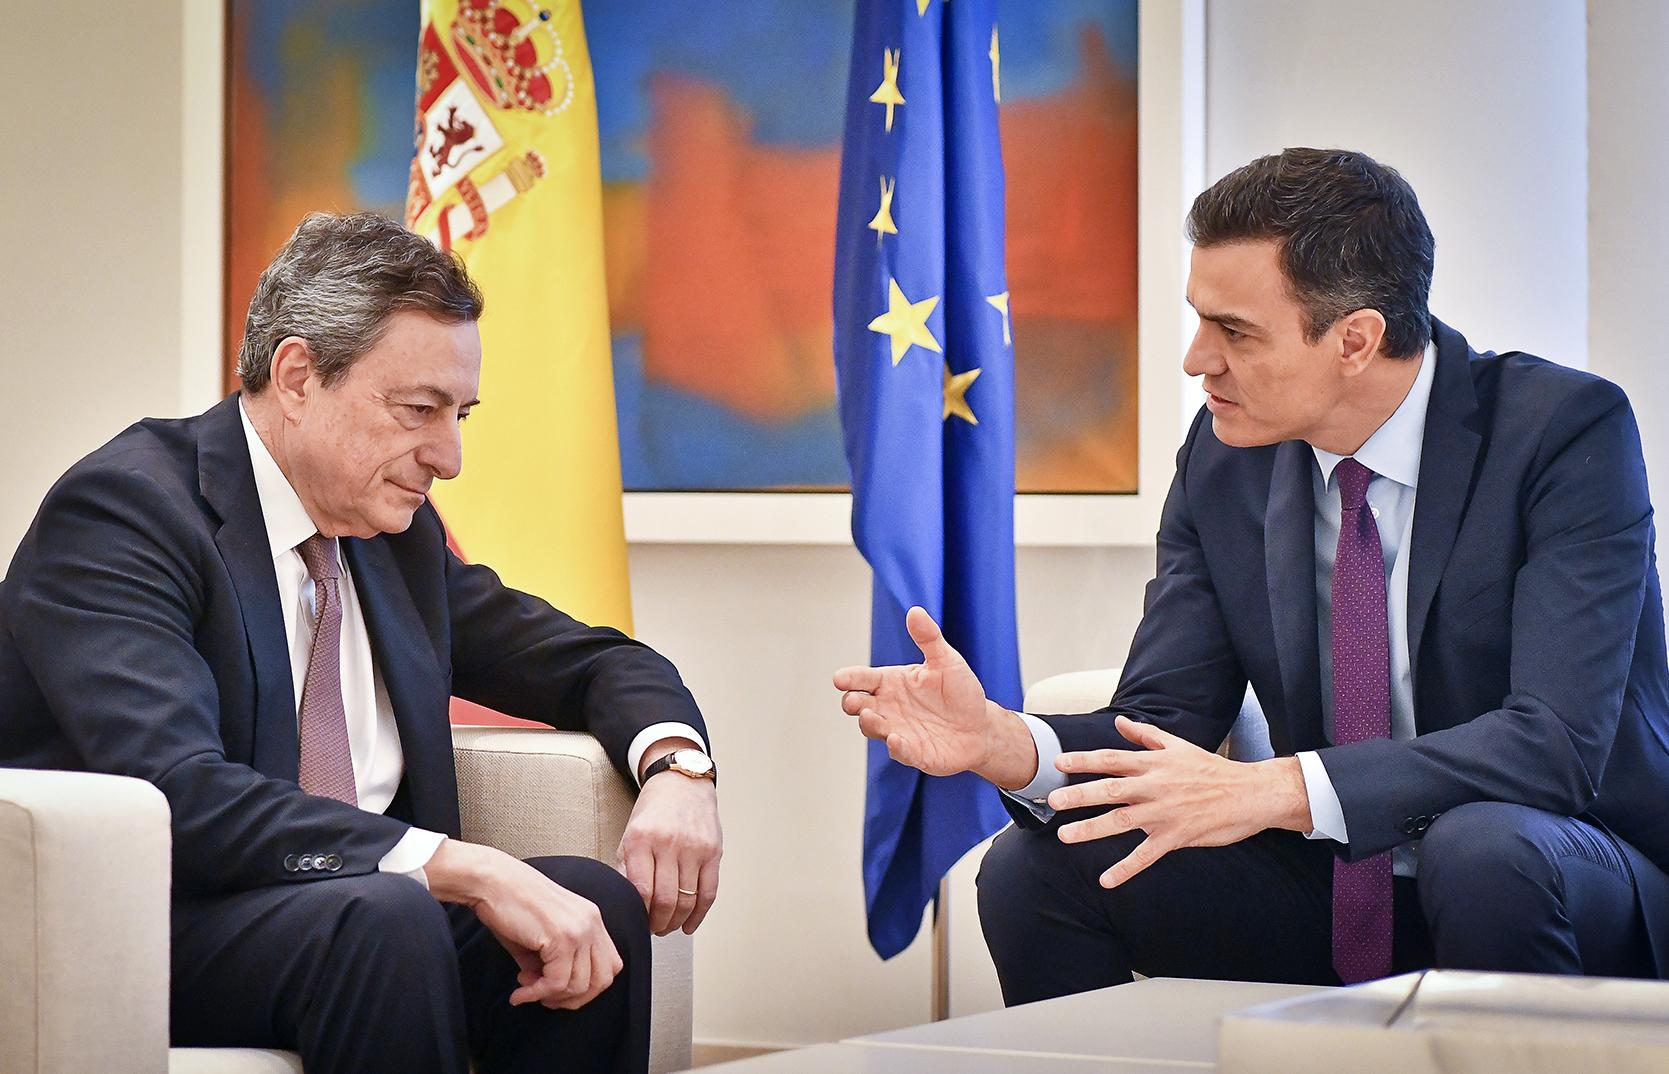 El primer ministro de Italia, Mario Draghi, y el presidente del Gobierno, Pedro Sánchez, en un encuentro en Moncloa cuando el italiano presidía el BCE